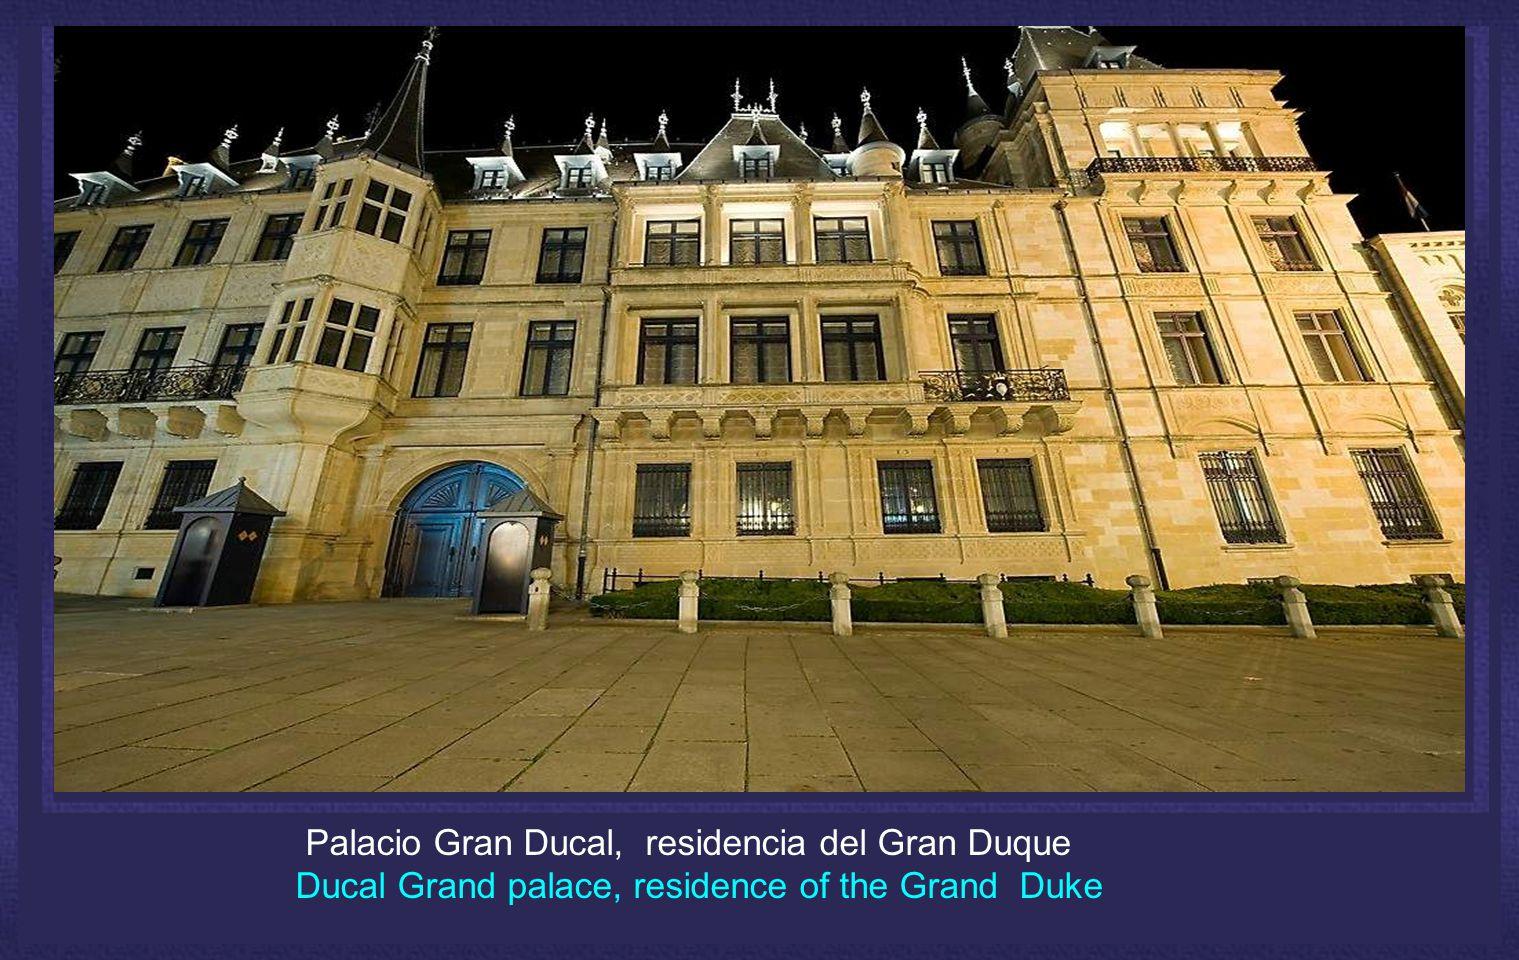 Palacio Gran Ducal, residencia del Gran Duque